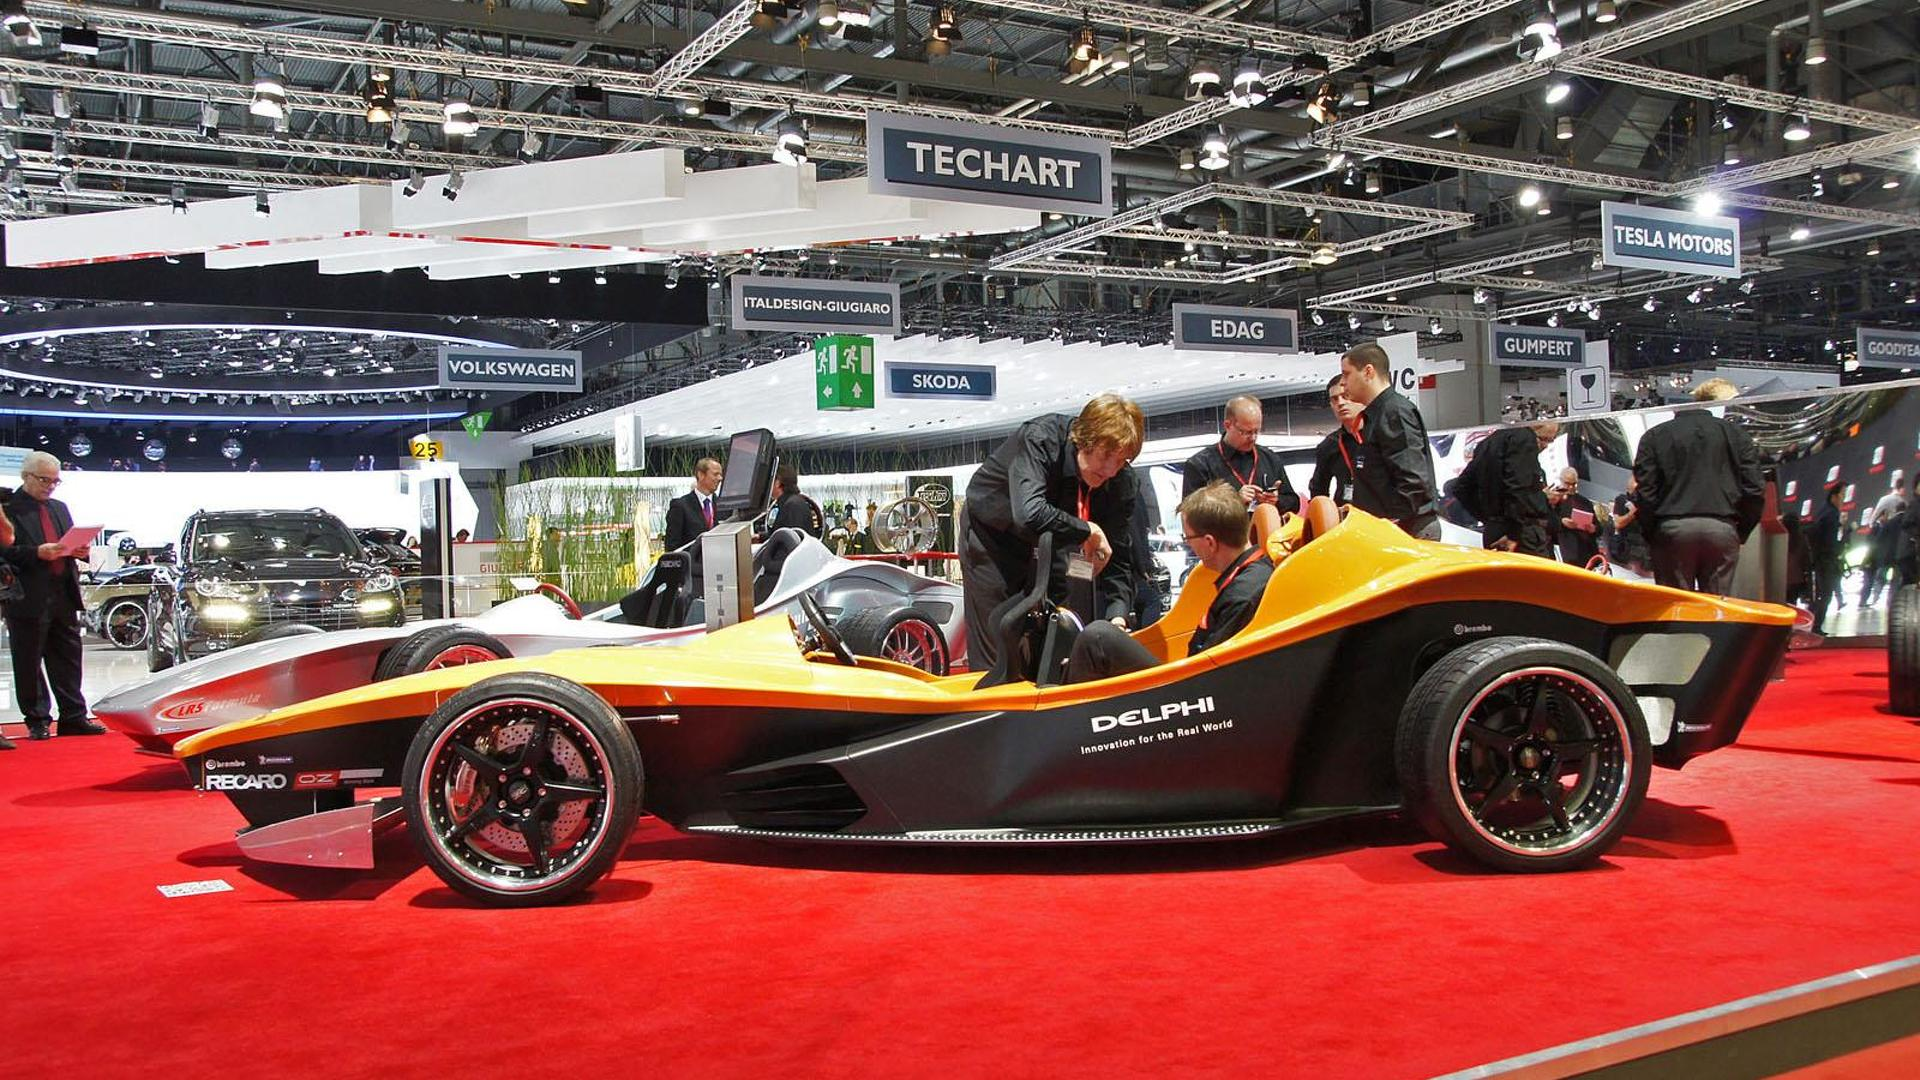 Delphi Sbarro F1for3 concept unveiled in Geneva